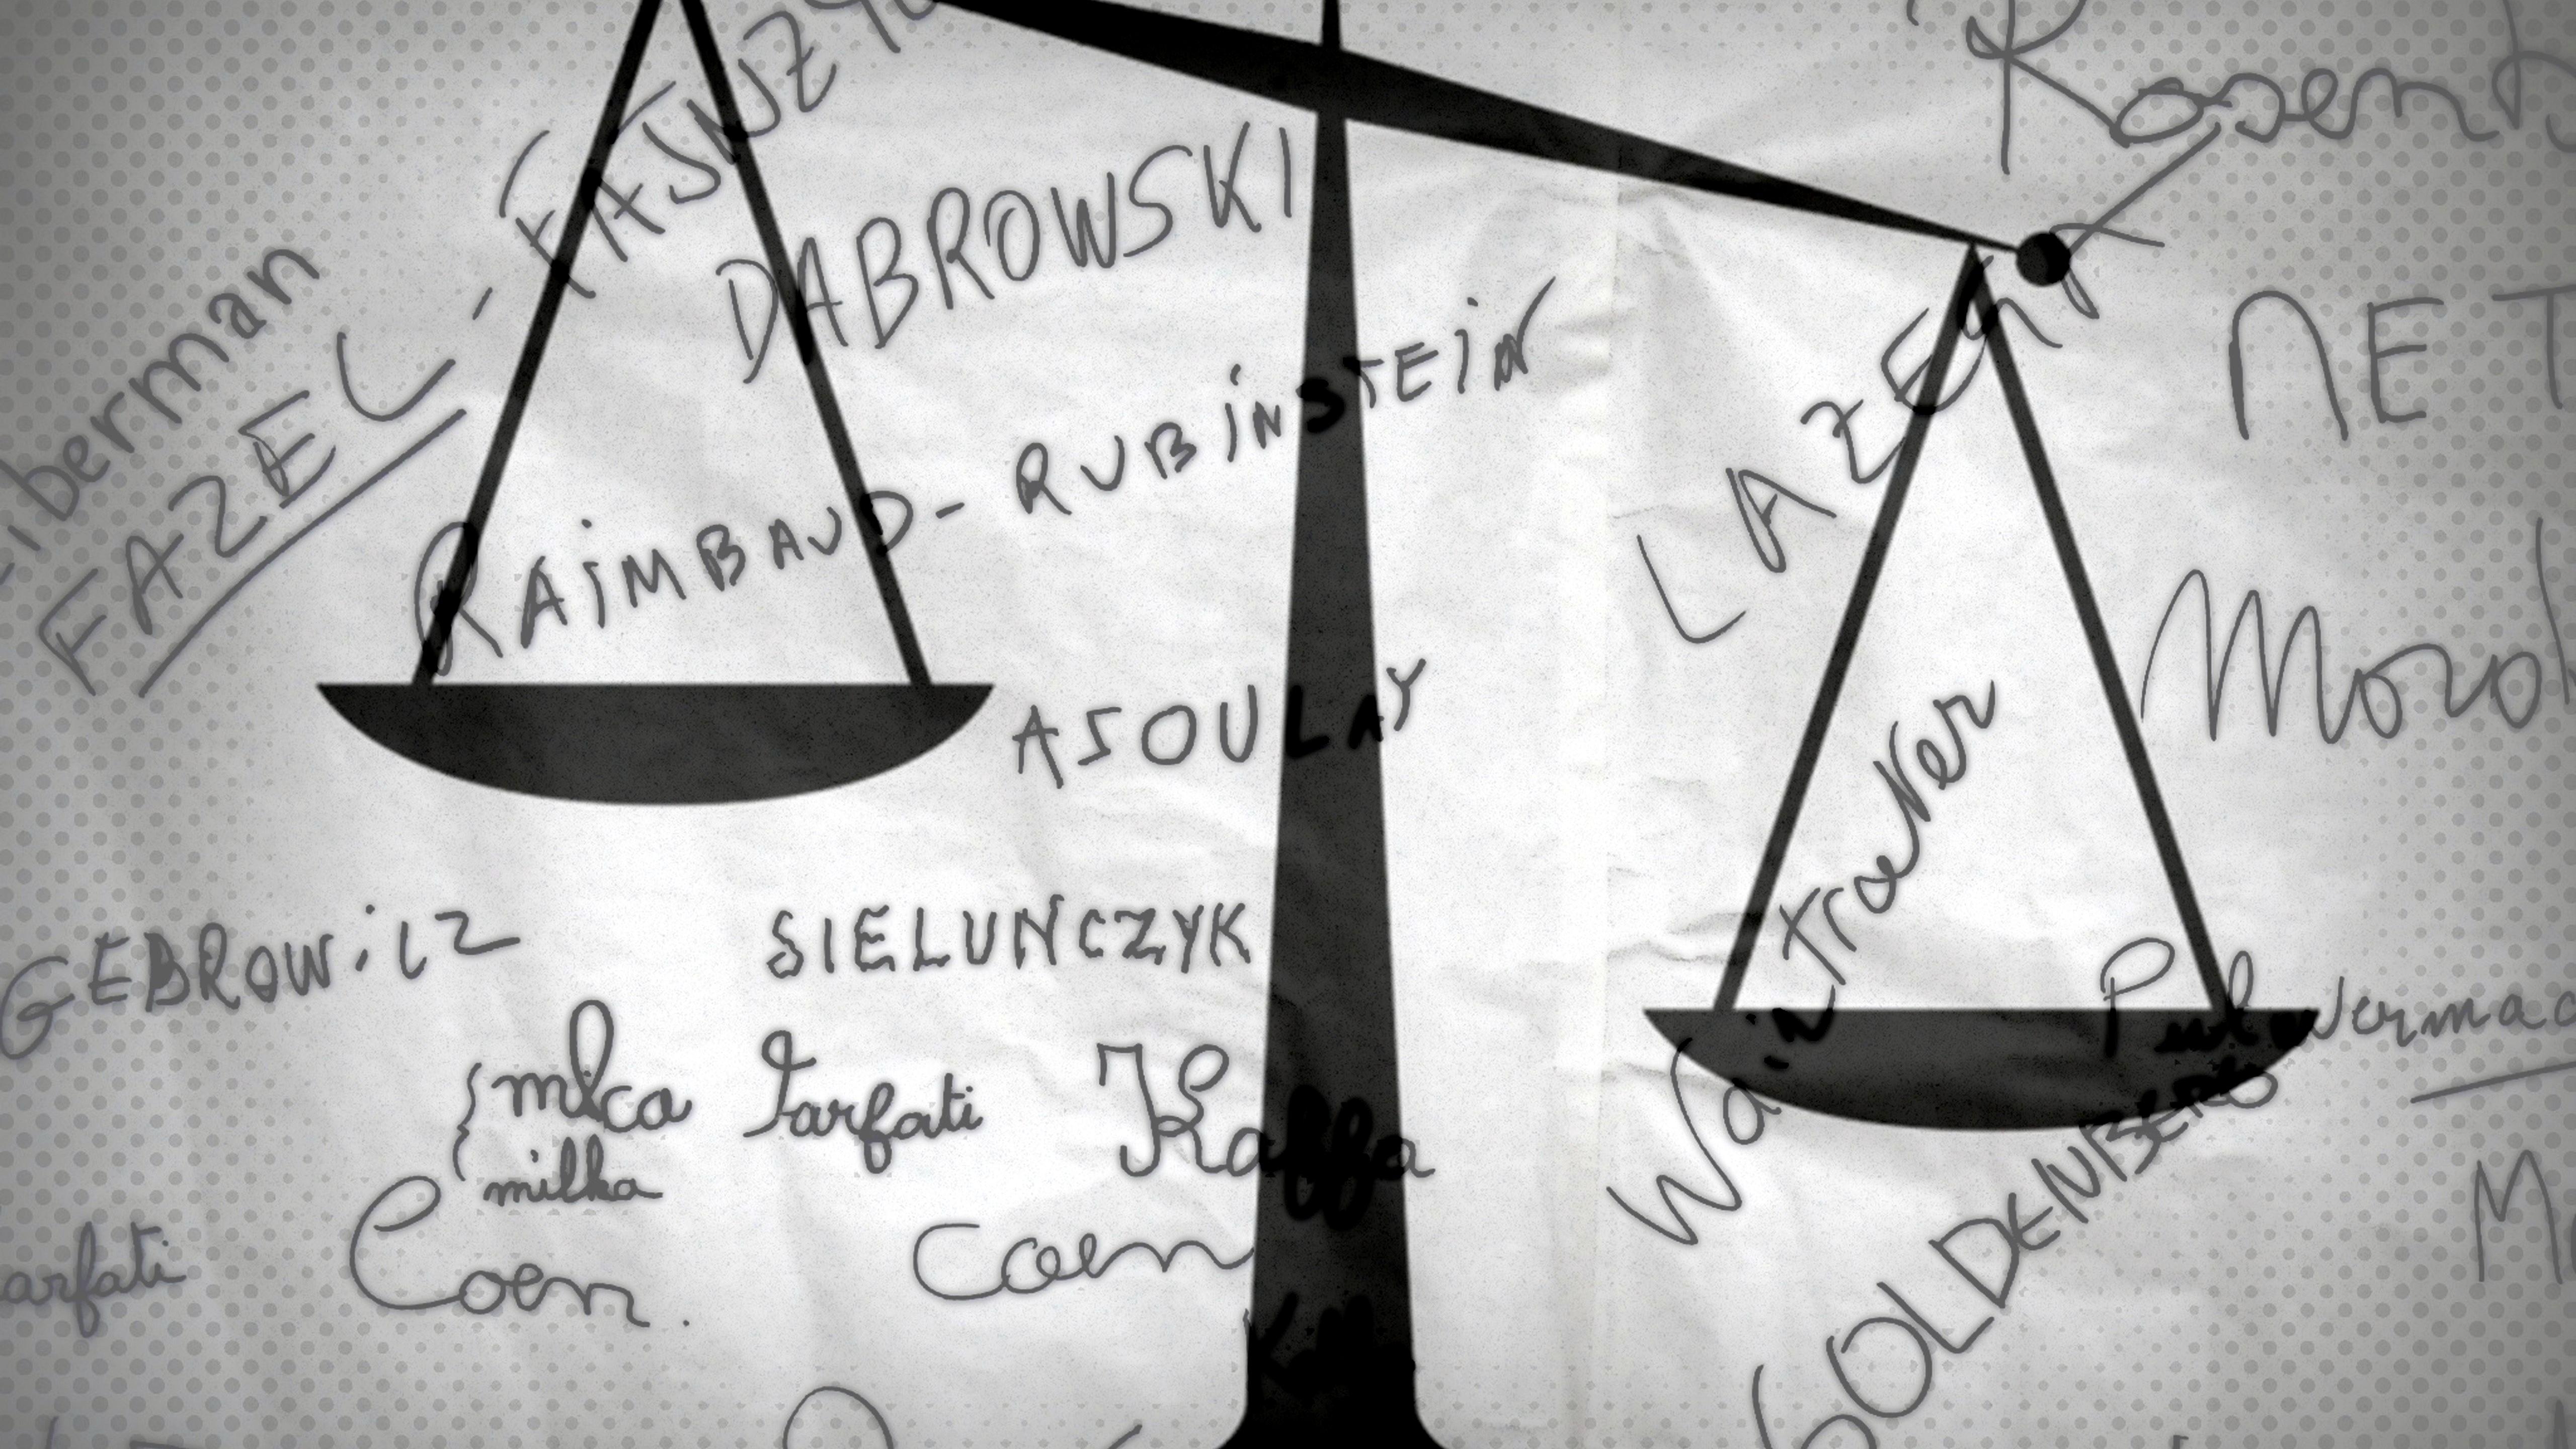 Guilgoul- métamorphose d'un nom, de Georges Perla et Céline Masson